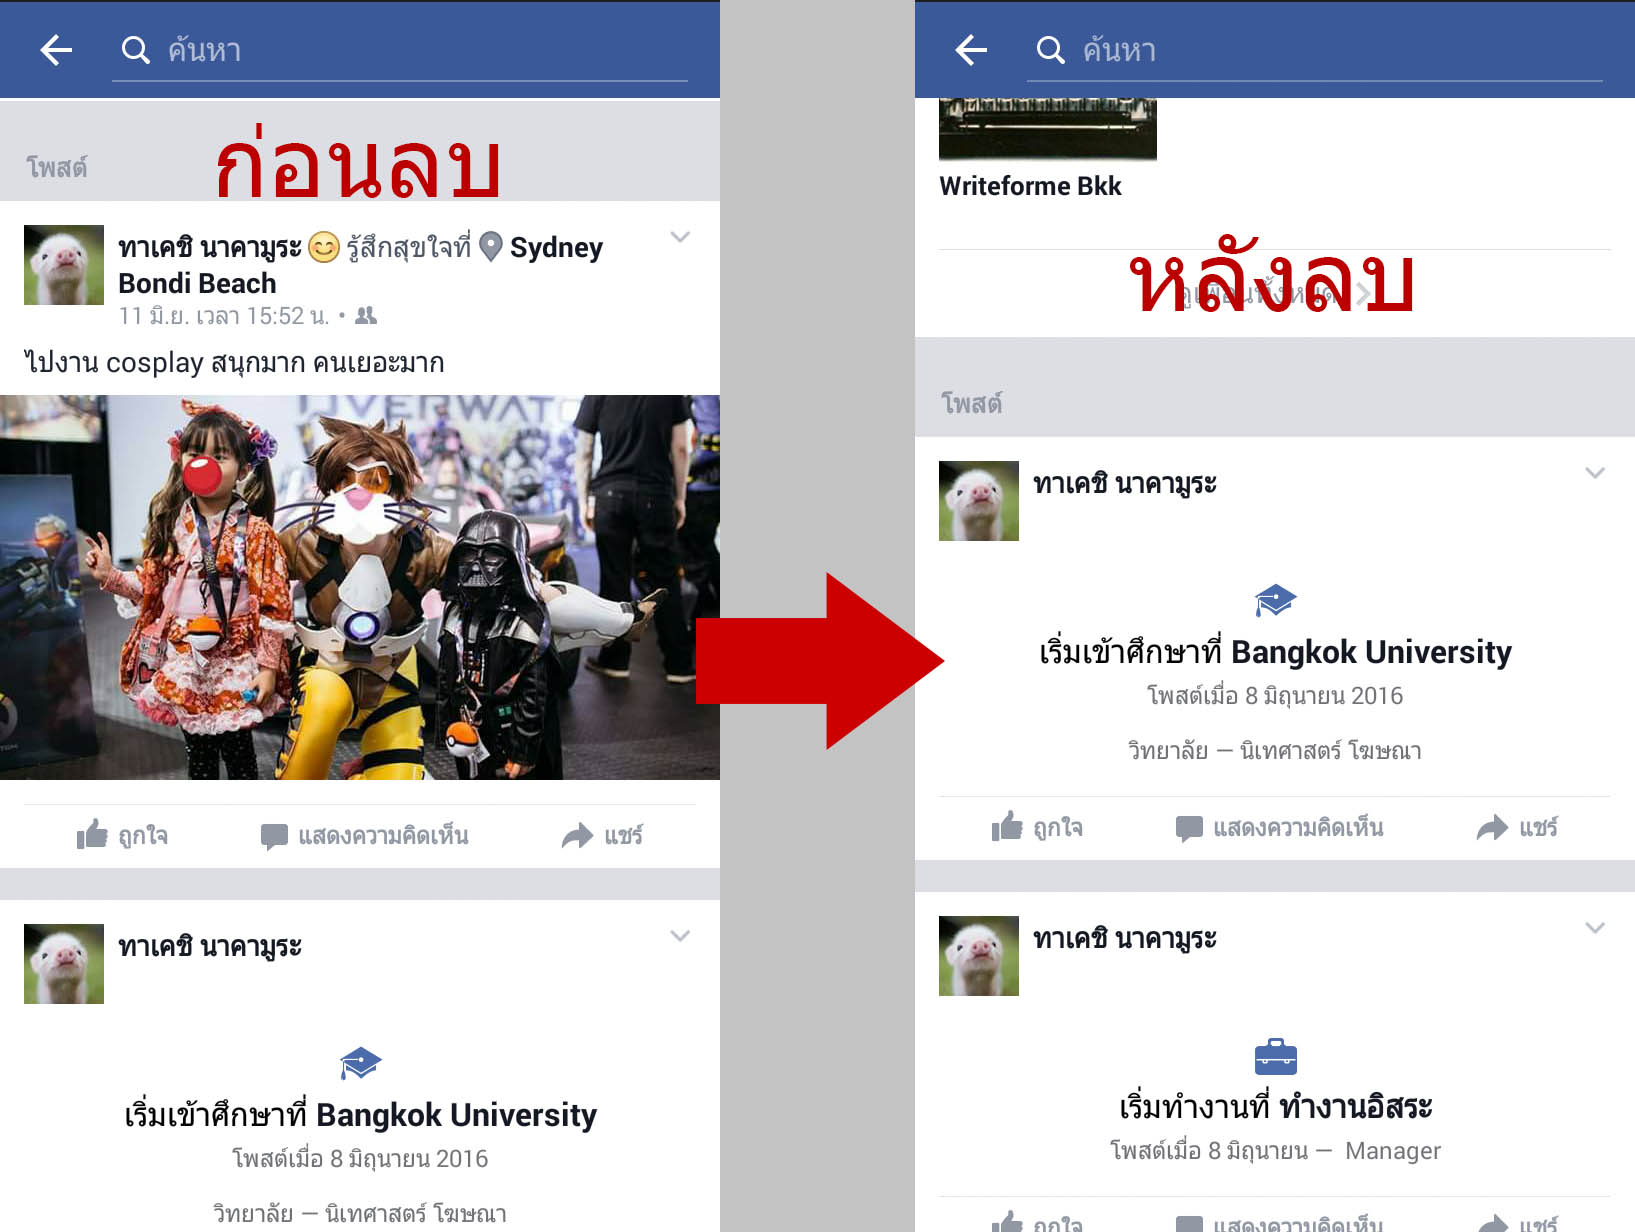 สอนใช้งาน facebook วิธีลบโพสต์6